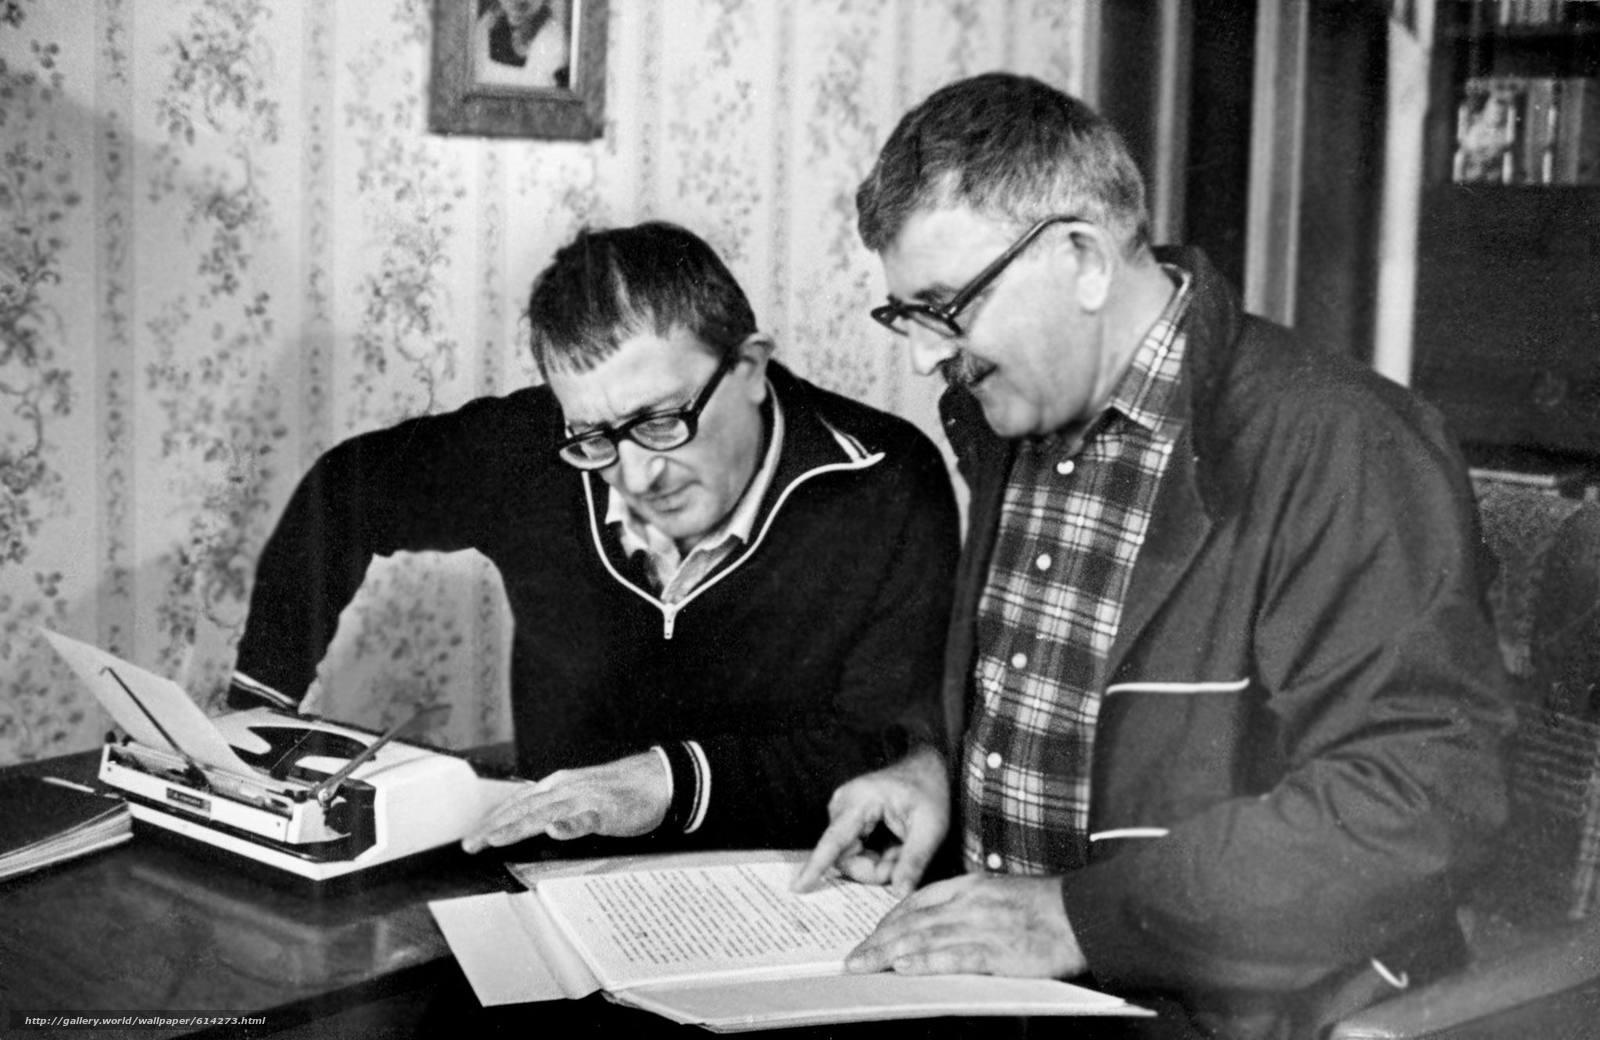 Стругацкие, Аркадий, Борис, писатели, писатель, фантастика, литература, СССР, интерьер, печатная, машинка, читает, очки